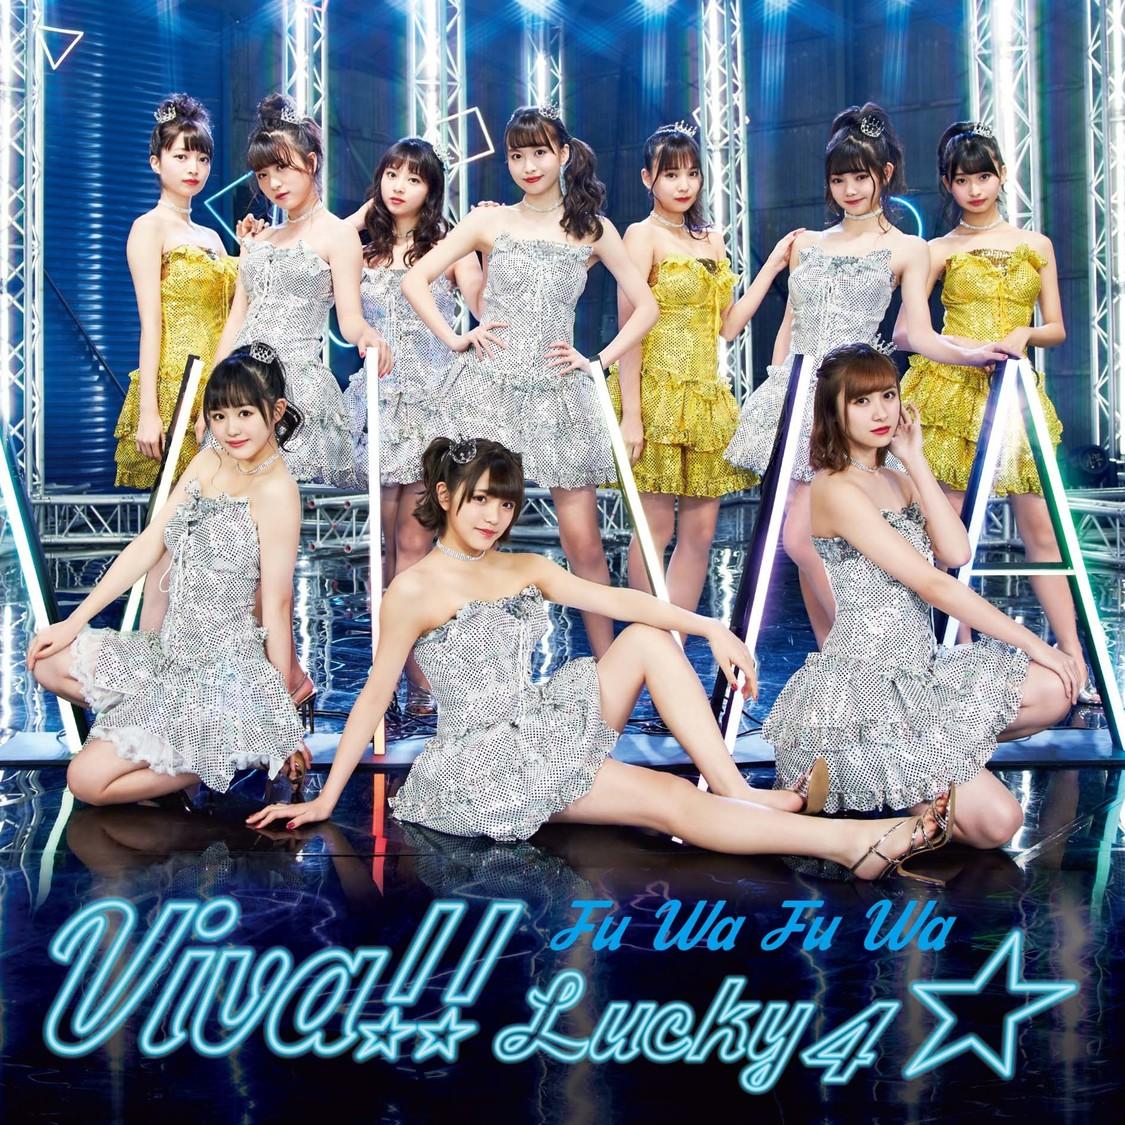 ふわふわ、美少女から美女への階段をのぼる「Viva!! Lucky4☆」ジャケ写公開!